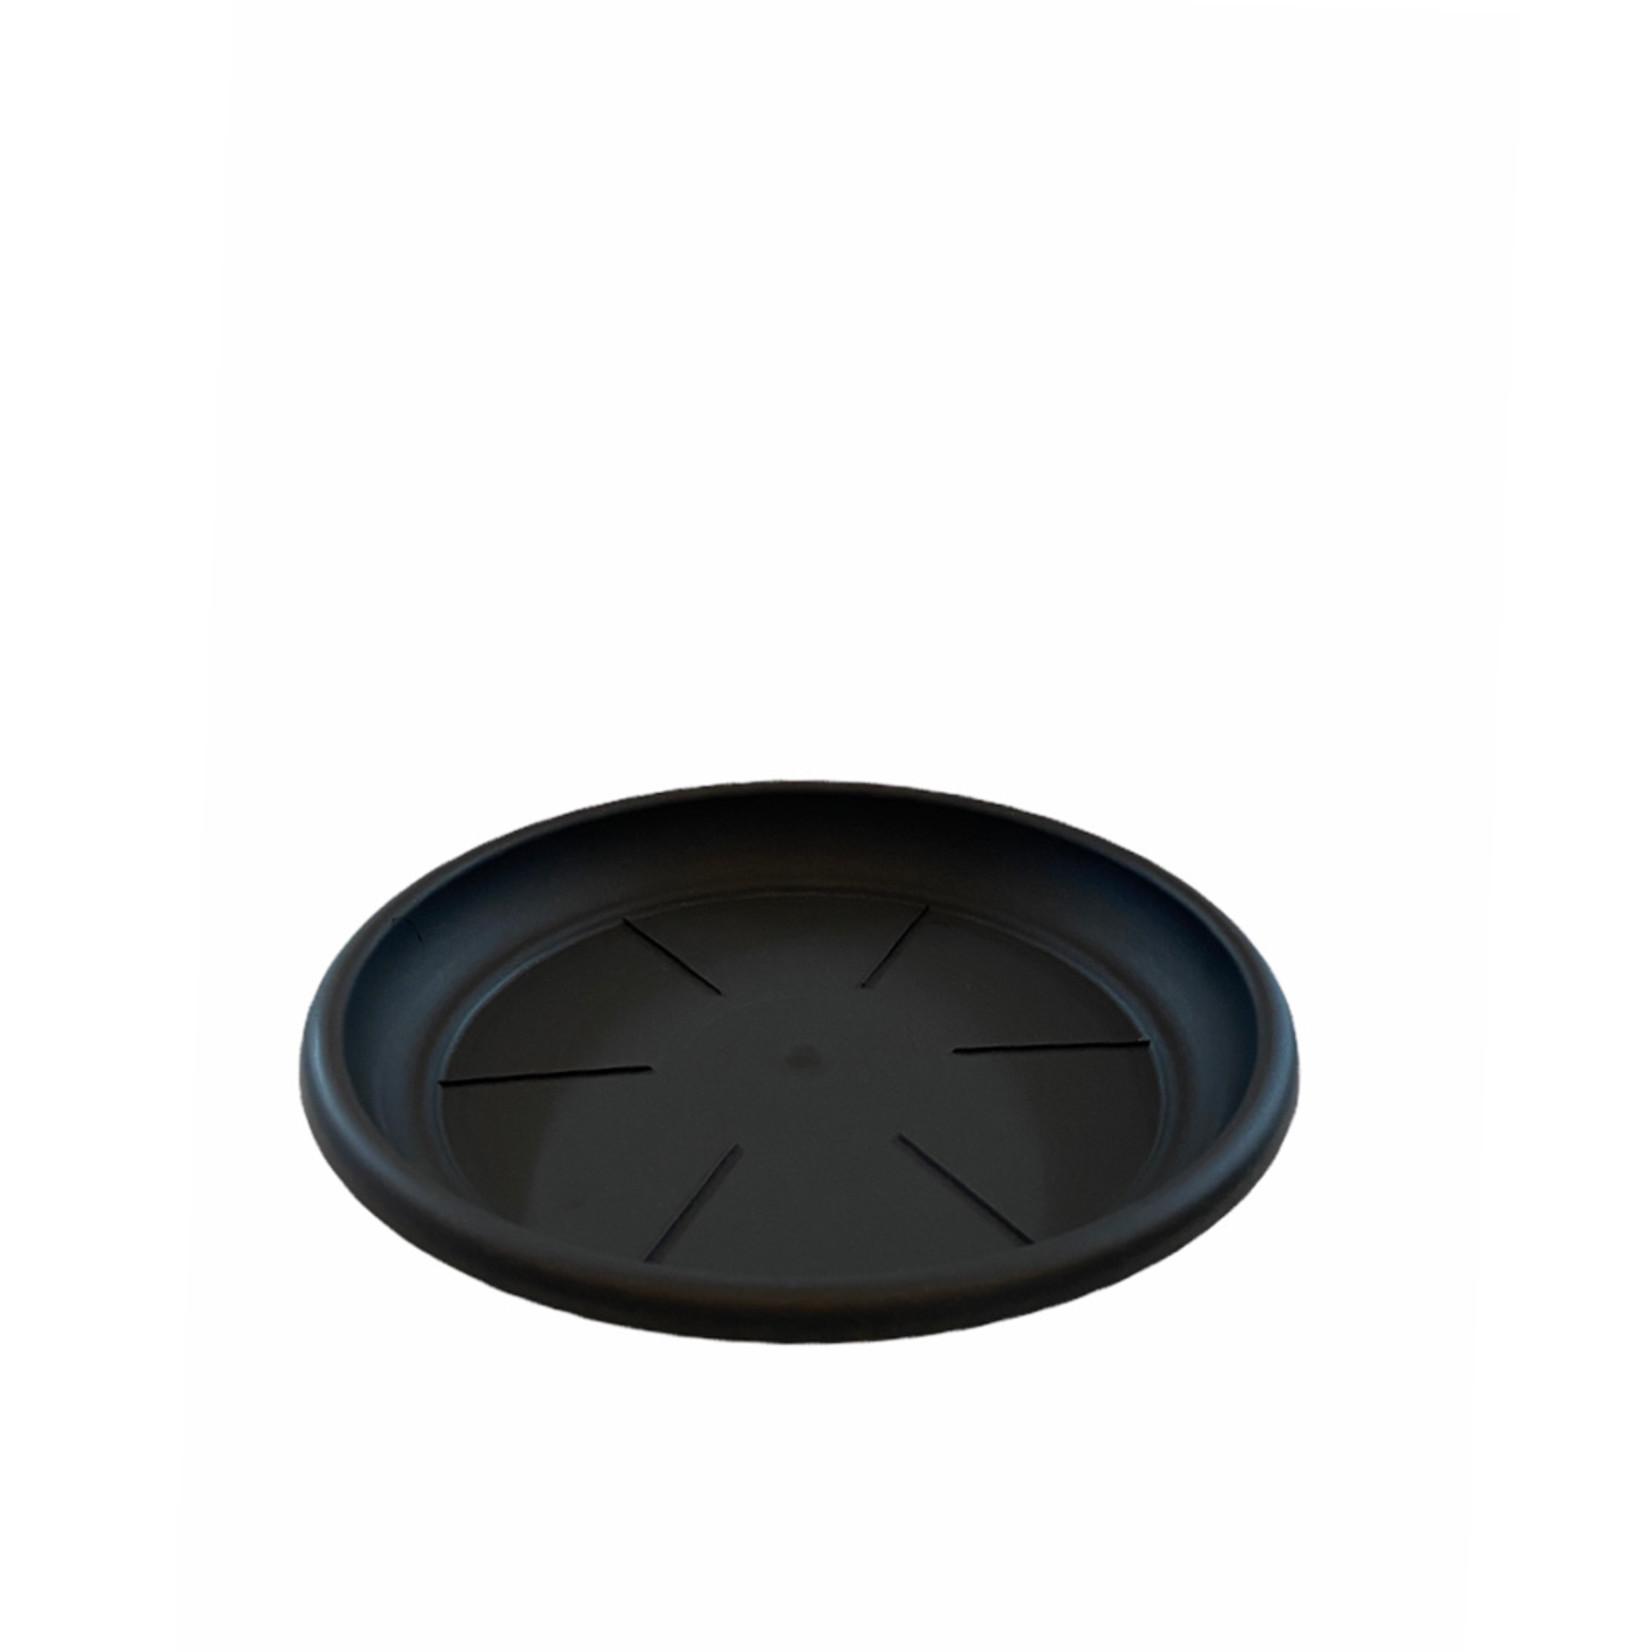 Teraplast Sottovaso, Antracite 22cm